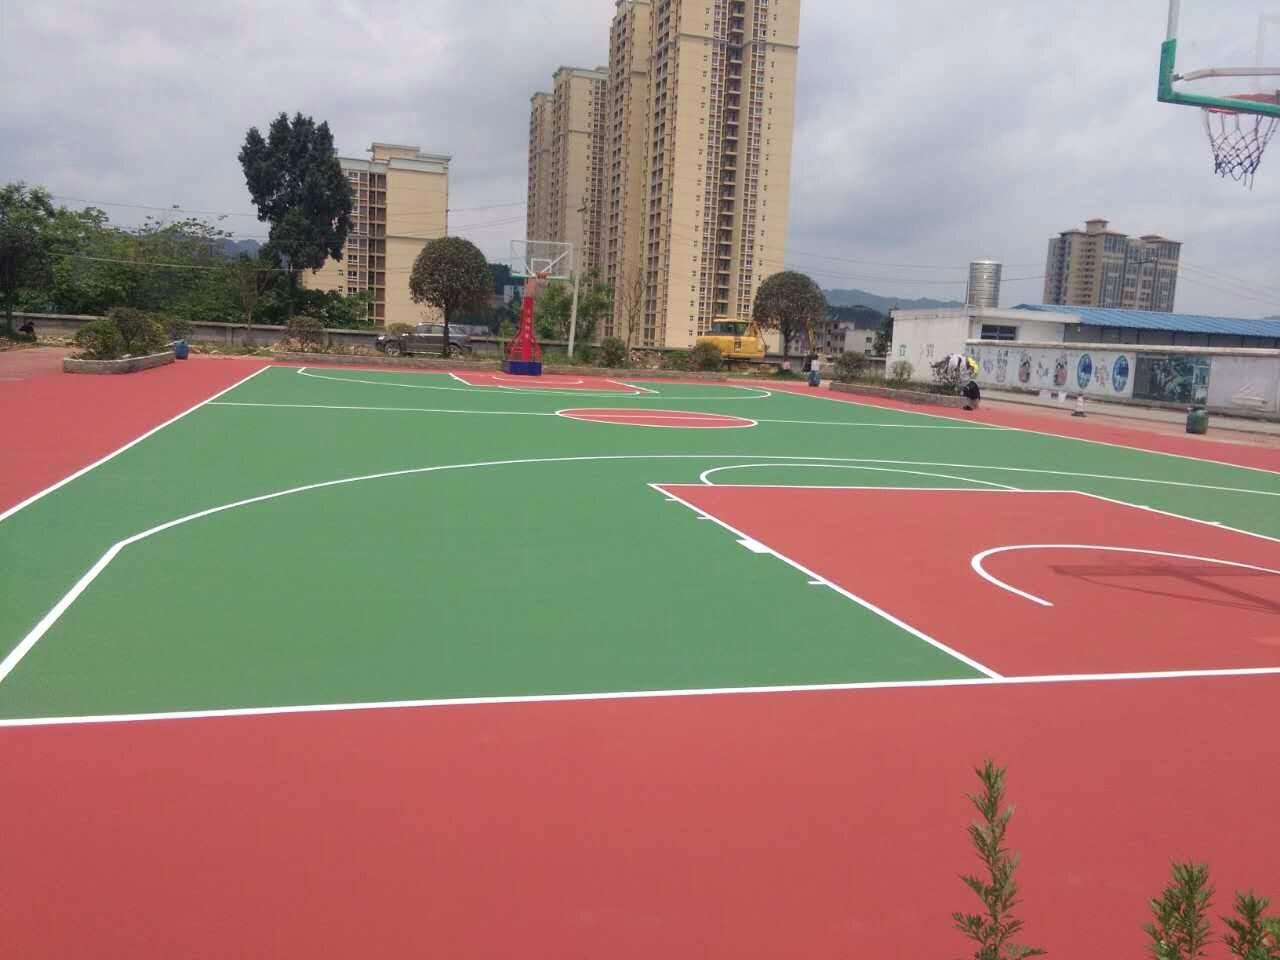 贵州省习水县东皇镇政府弹性丙烯酸篮球场地工程